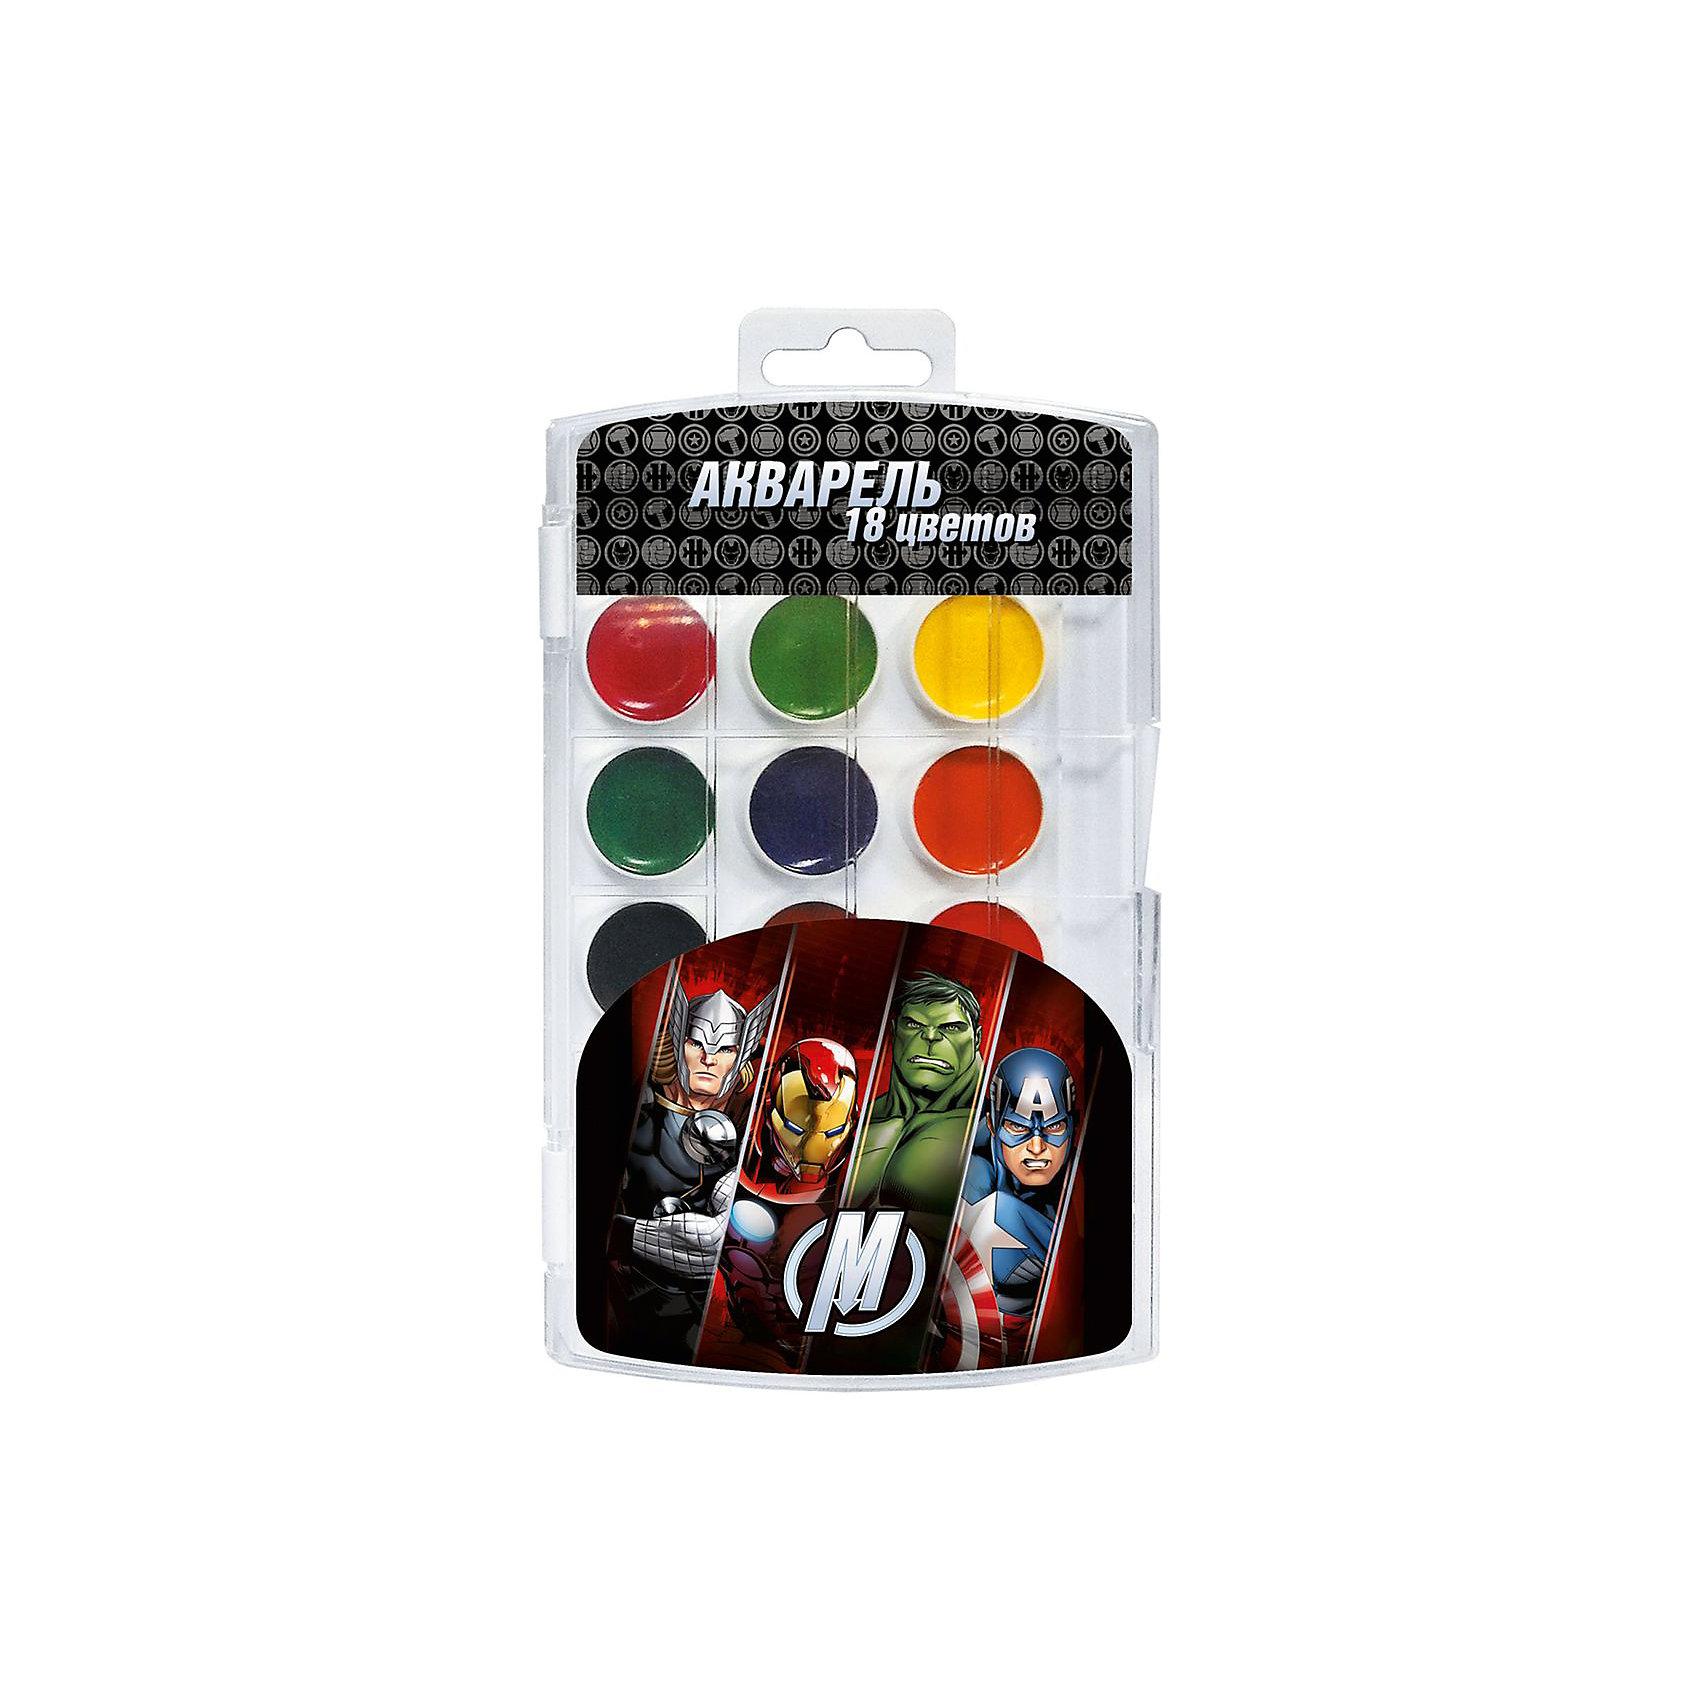 Акварель Мстители 18 цветовВ наборе акварельных красок «Marvel» Мстители 18 ярких, насыщенных цветов. Краски превосходно подходят для рисования: они хорошо размываются водой, легко наносятся на поверхность, быстро сохнут, безопасны при использовании по назначению. Состав: вода питьевая, декстрин, глицерин, сахар, органические и неорганические тонкодисперсные пигменты, консервант, наполнитель. Срок годности не ограничен.<br><br>Ширина мм: 195<br>Глубина мм: 110<br>Высота мм: 10<br>Вес г: 118<br>Возраст от месяцев: 36<br>Возраст до месяцев: 84<br>Пол: Унисекс<br>Возраст: Детский<br>SKU: 5076551